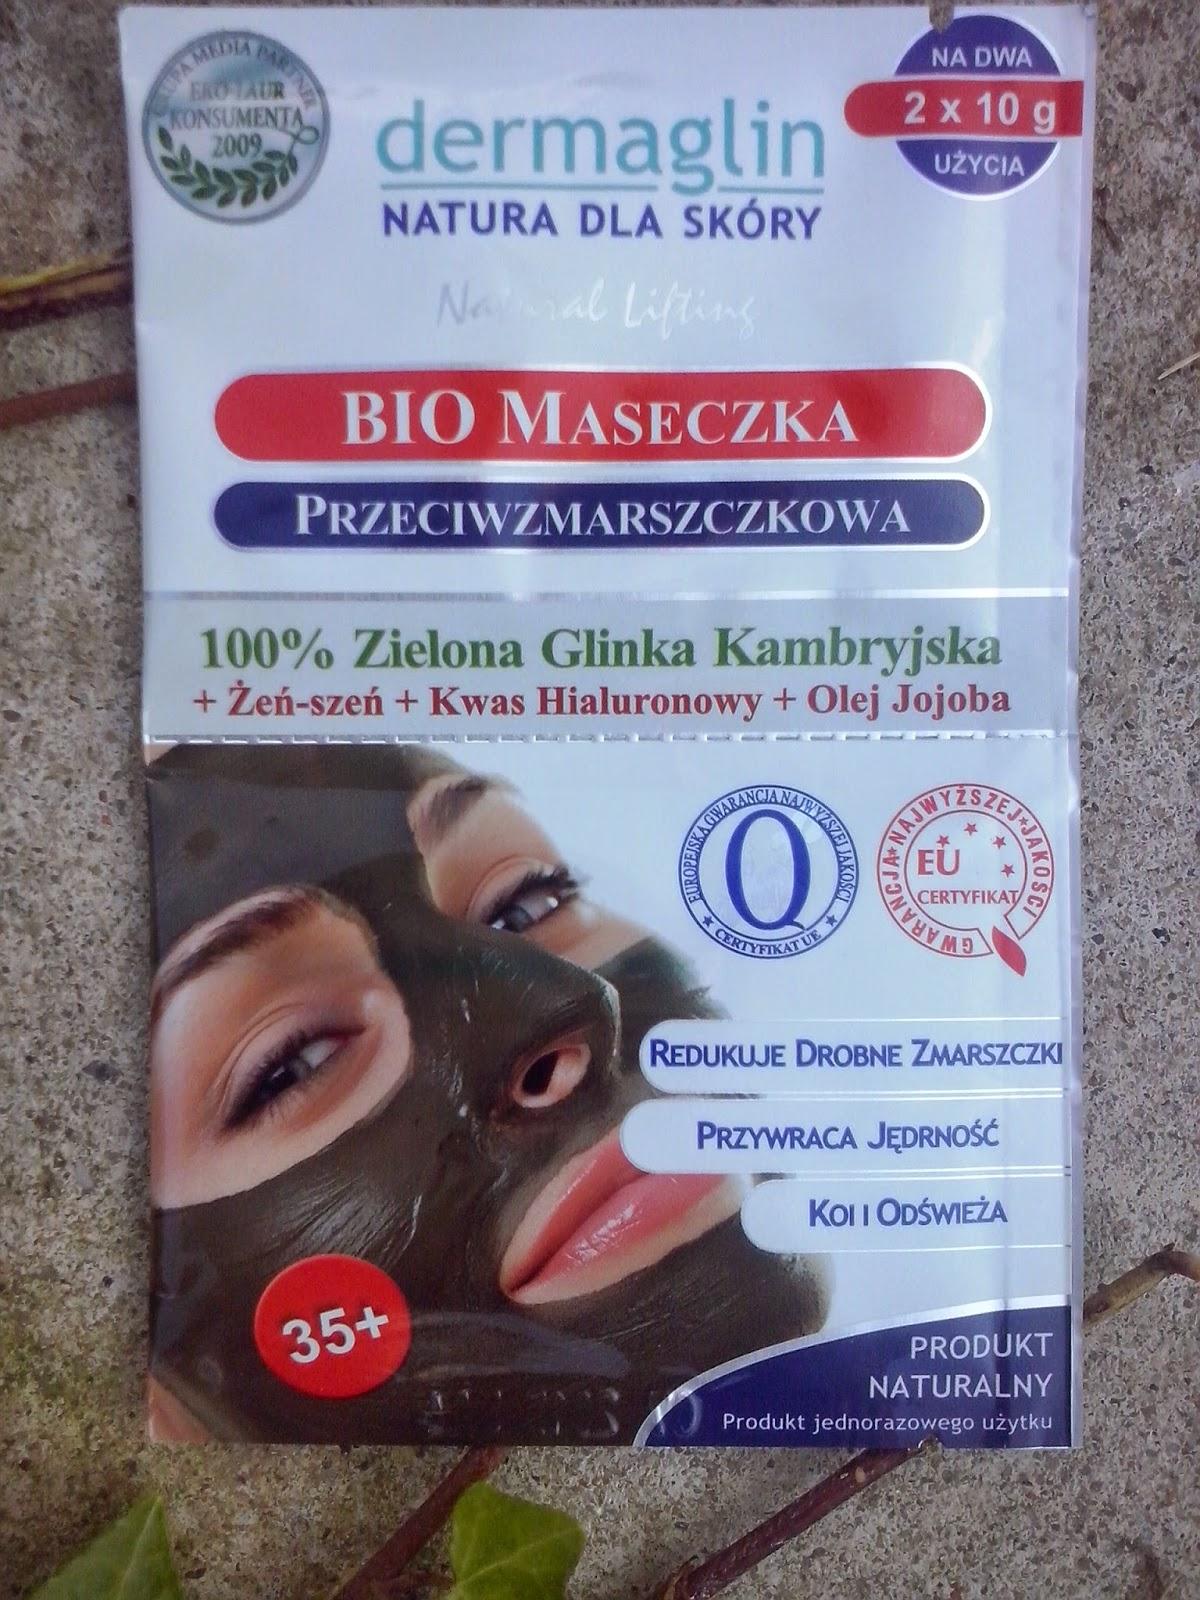 http://jzabawa11.blogspot.com/2015/01/bio-maseczka-przeciwzmarszczkowa-35-new.html